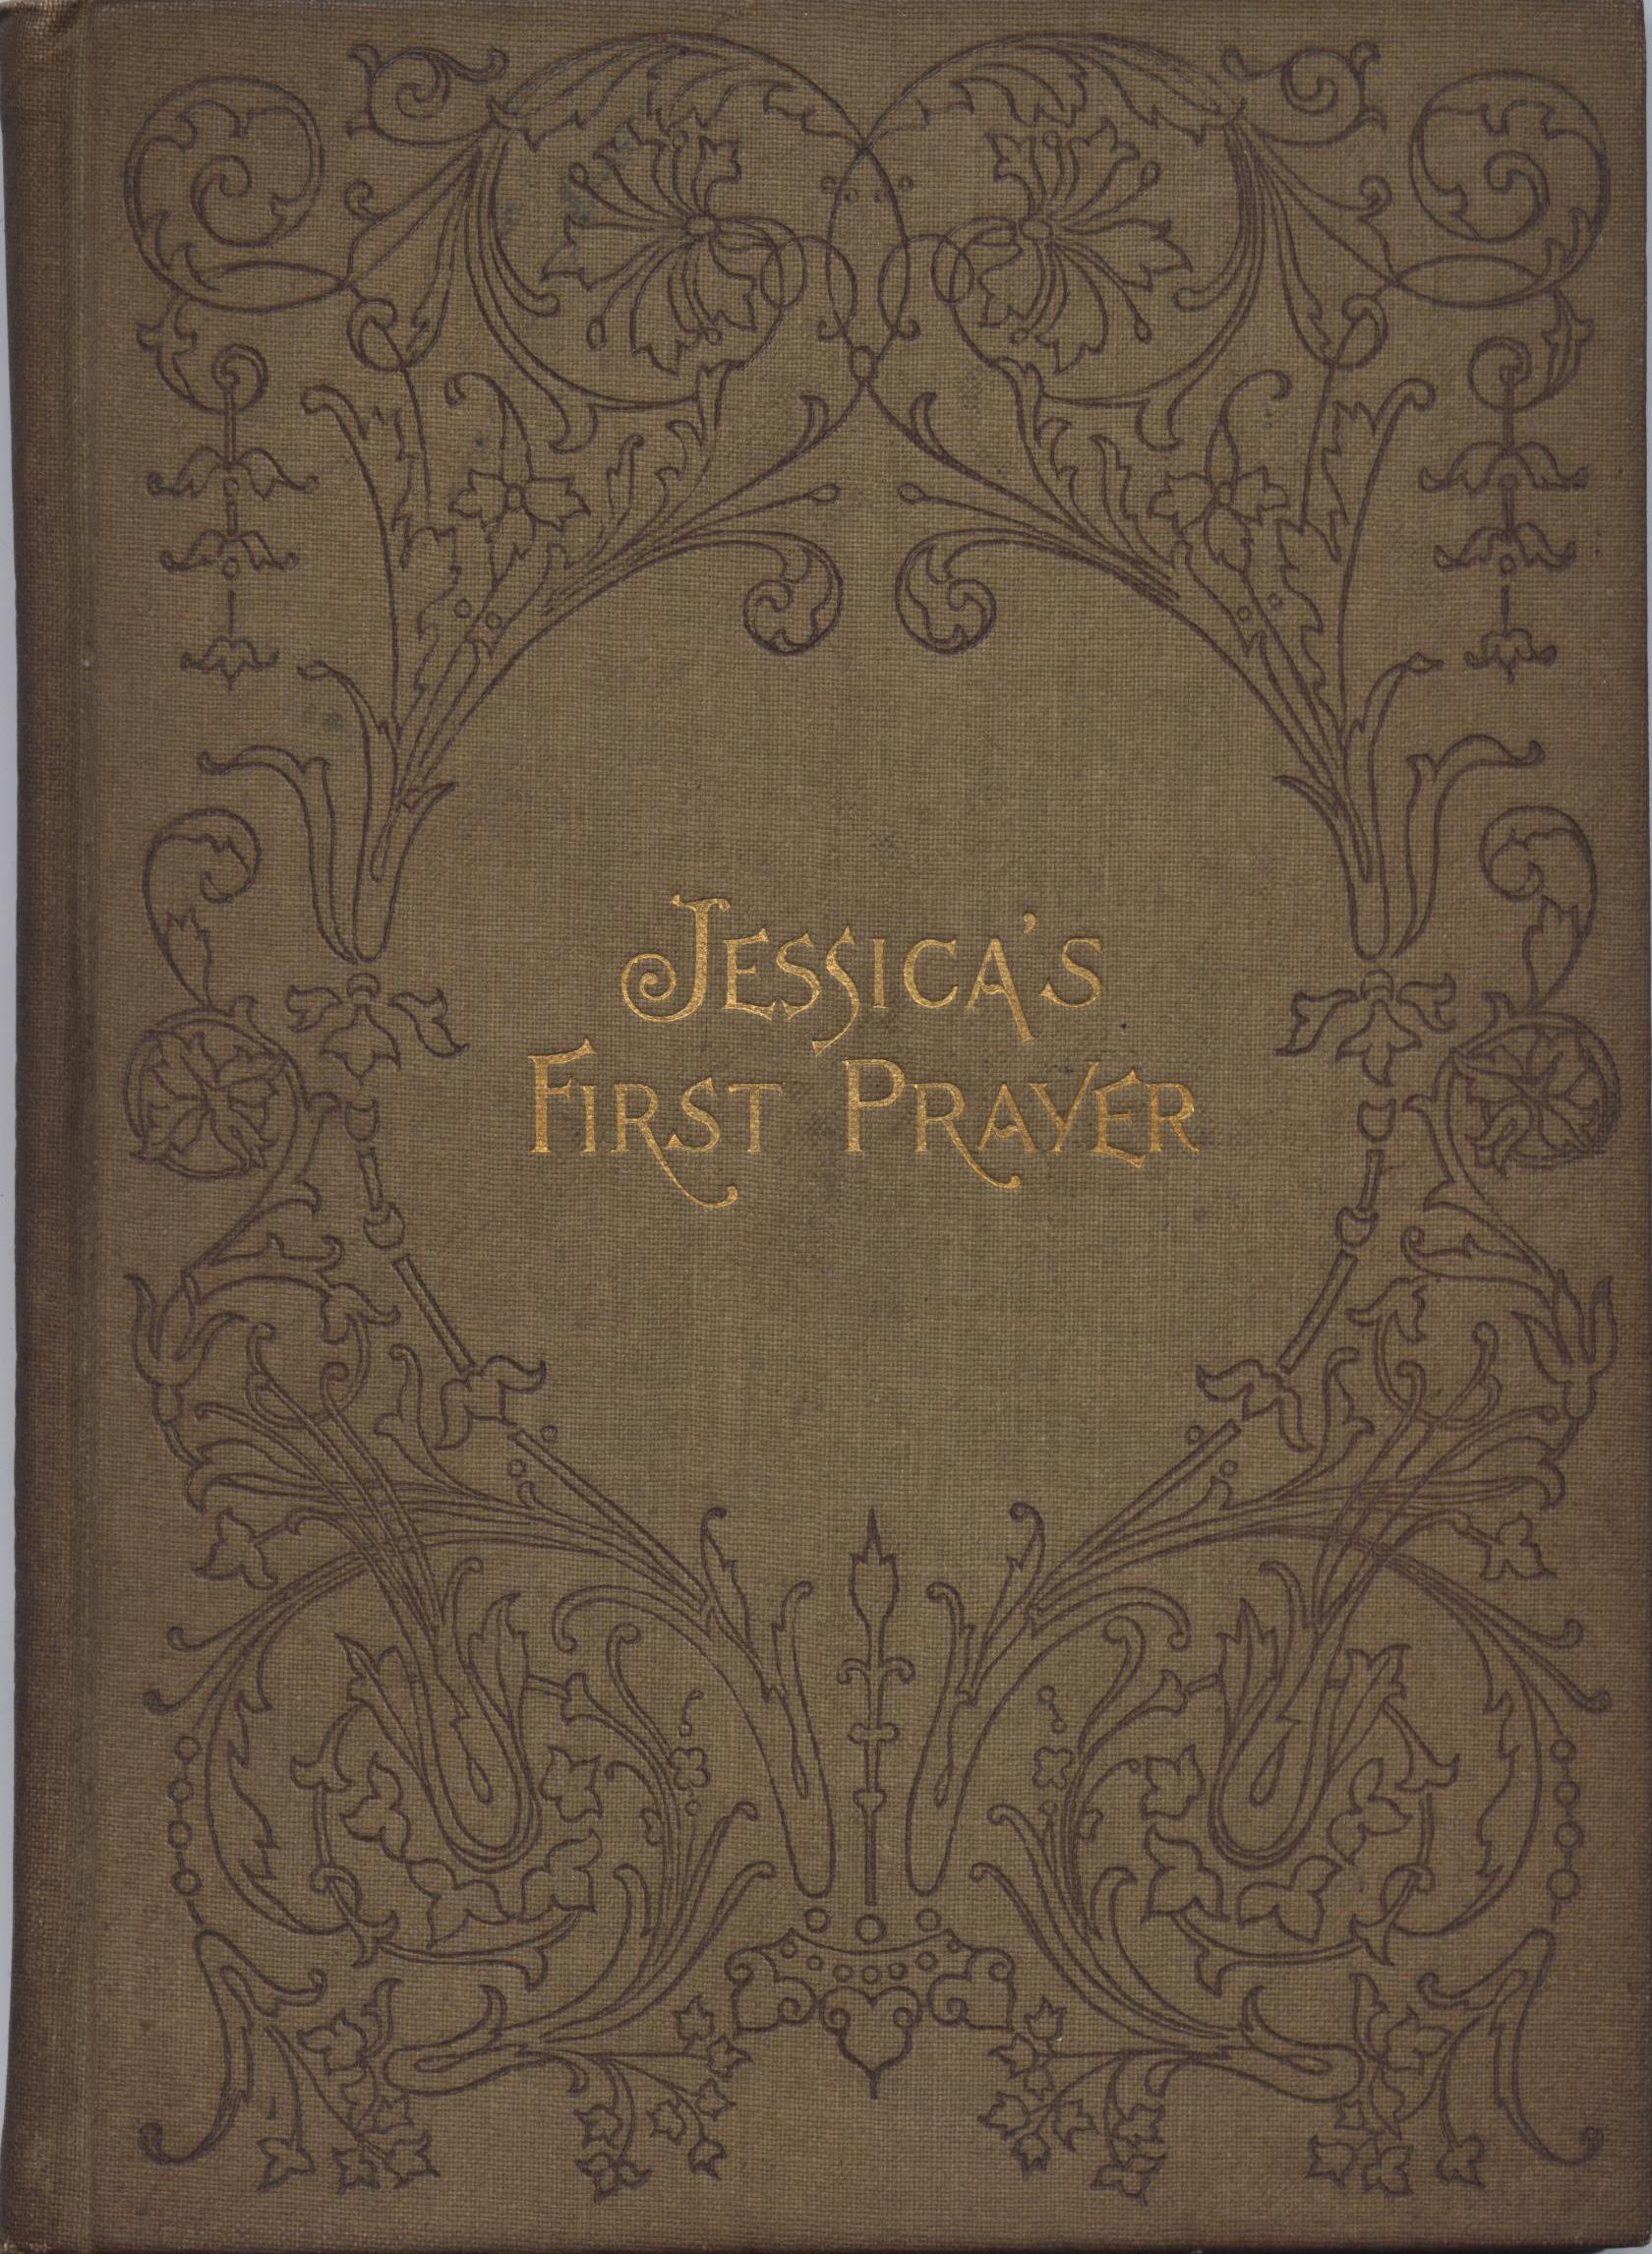 Victorian Book Texture by thatgretchpantsgirl